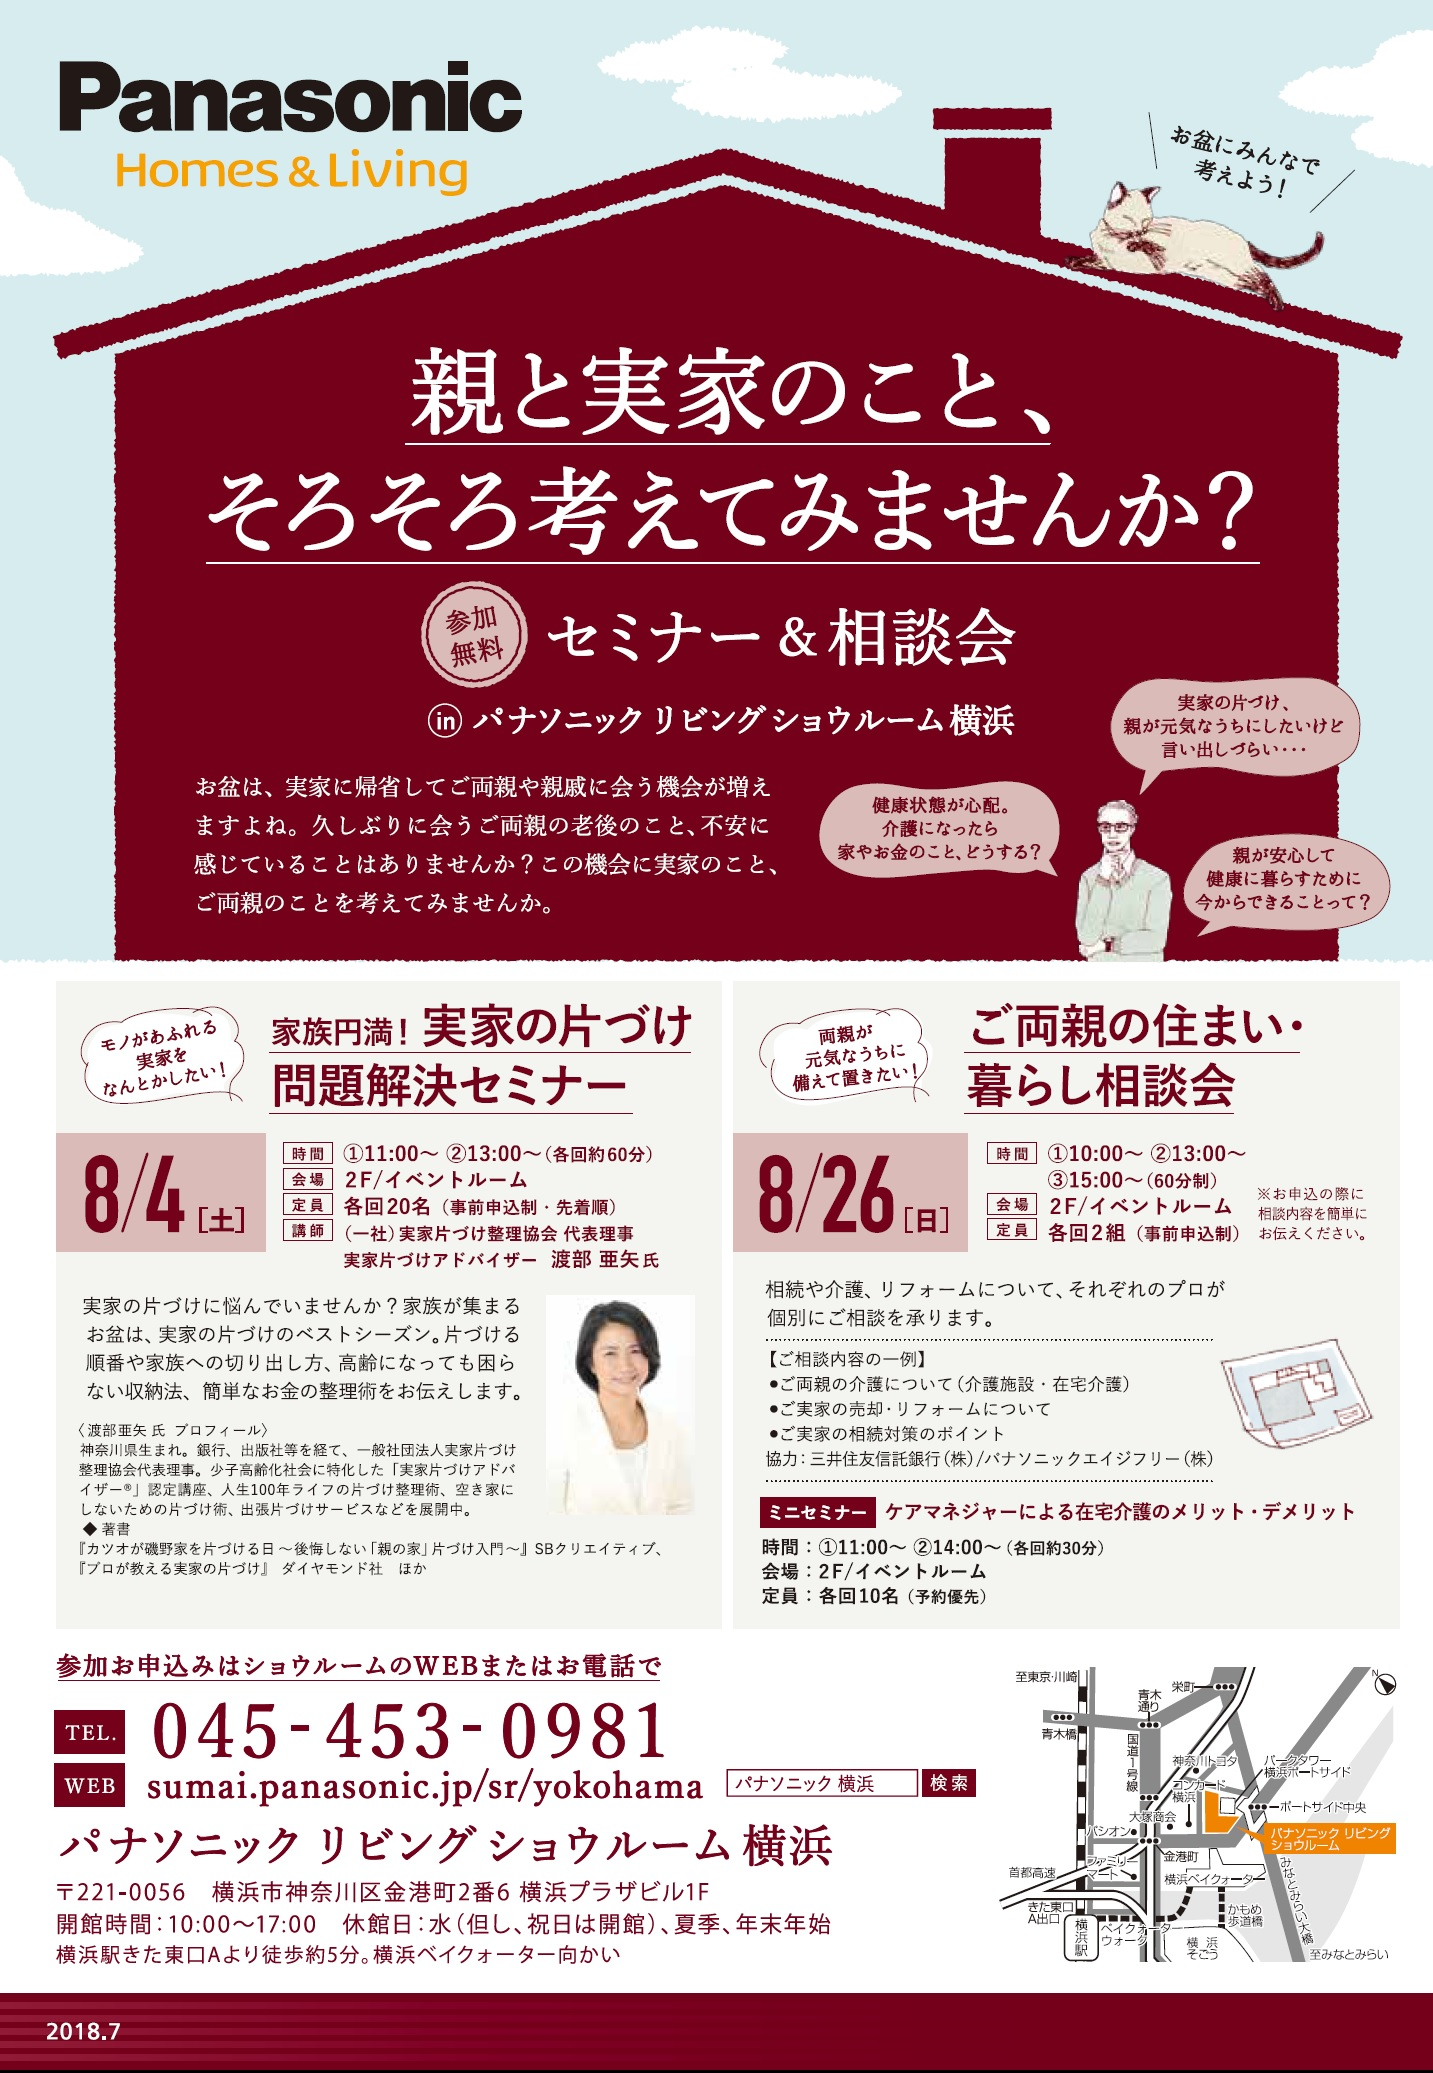 【横浜駅前】家族円満!実家の片づけ問題解決セミナー